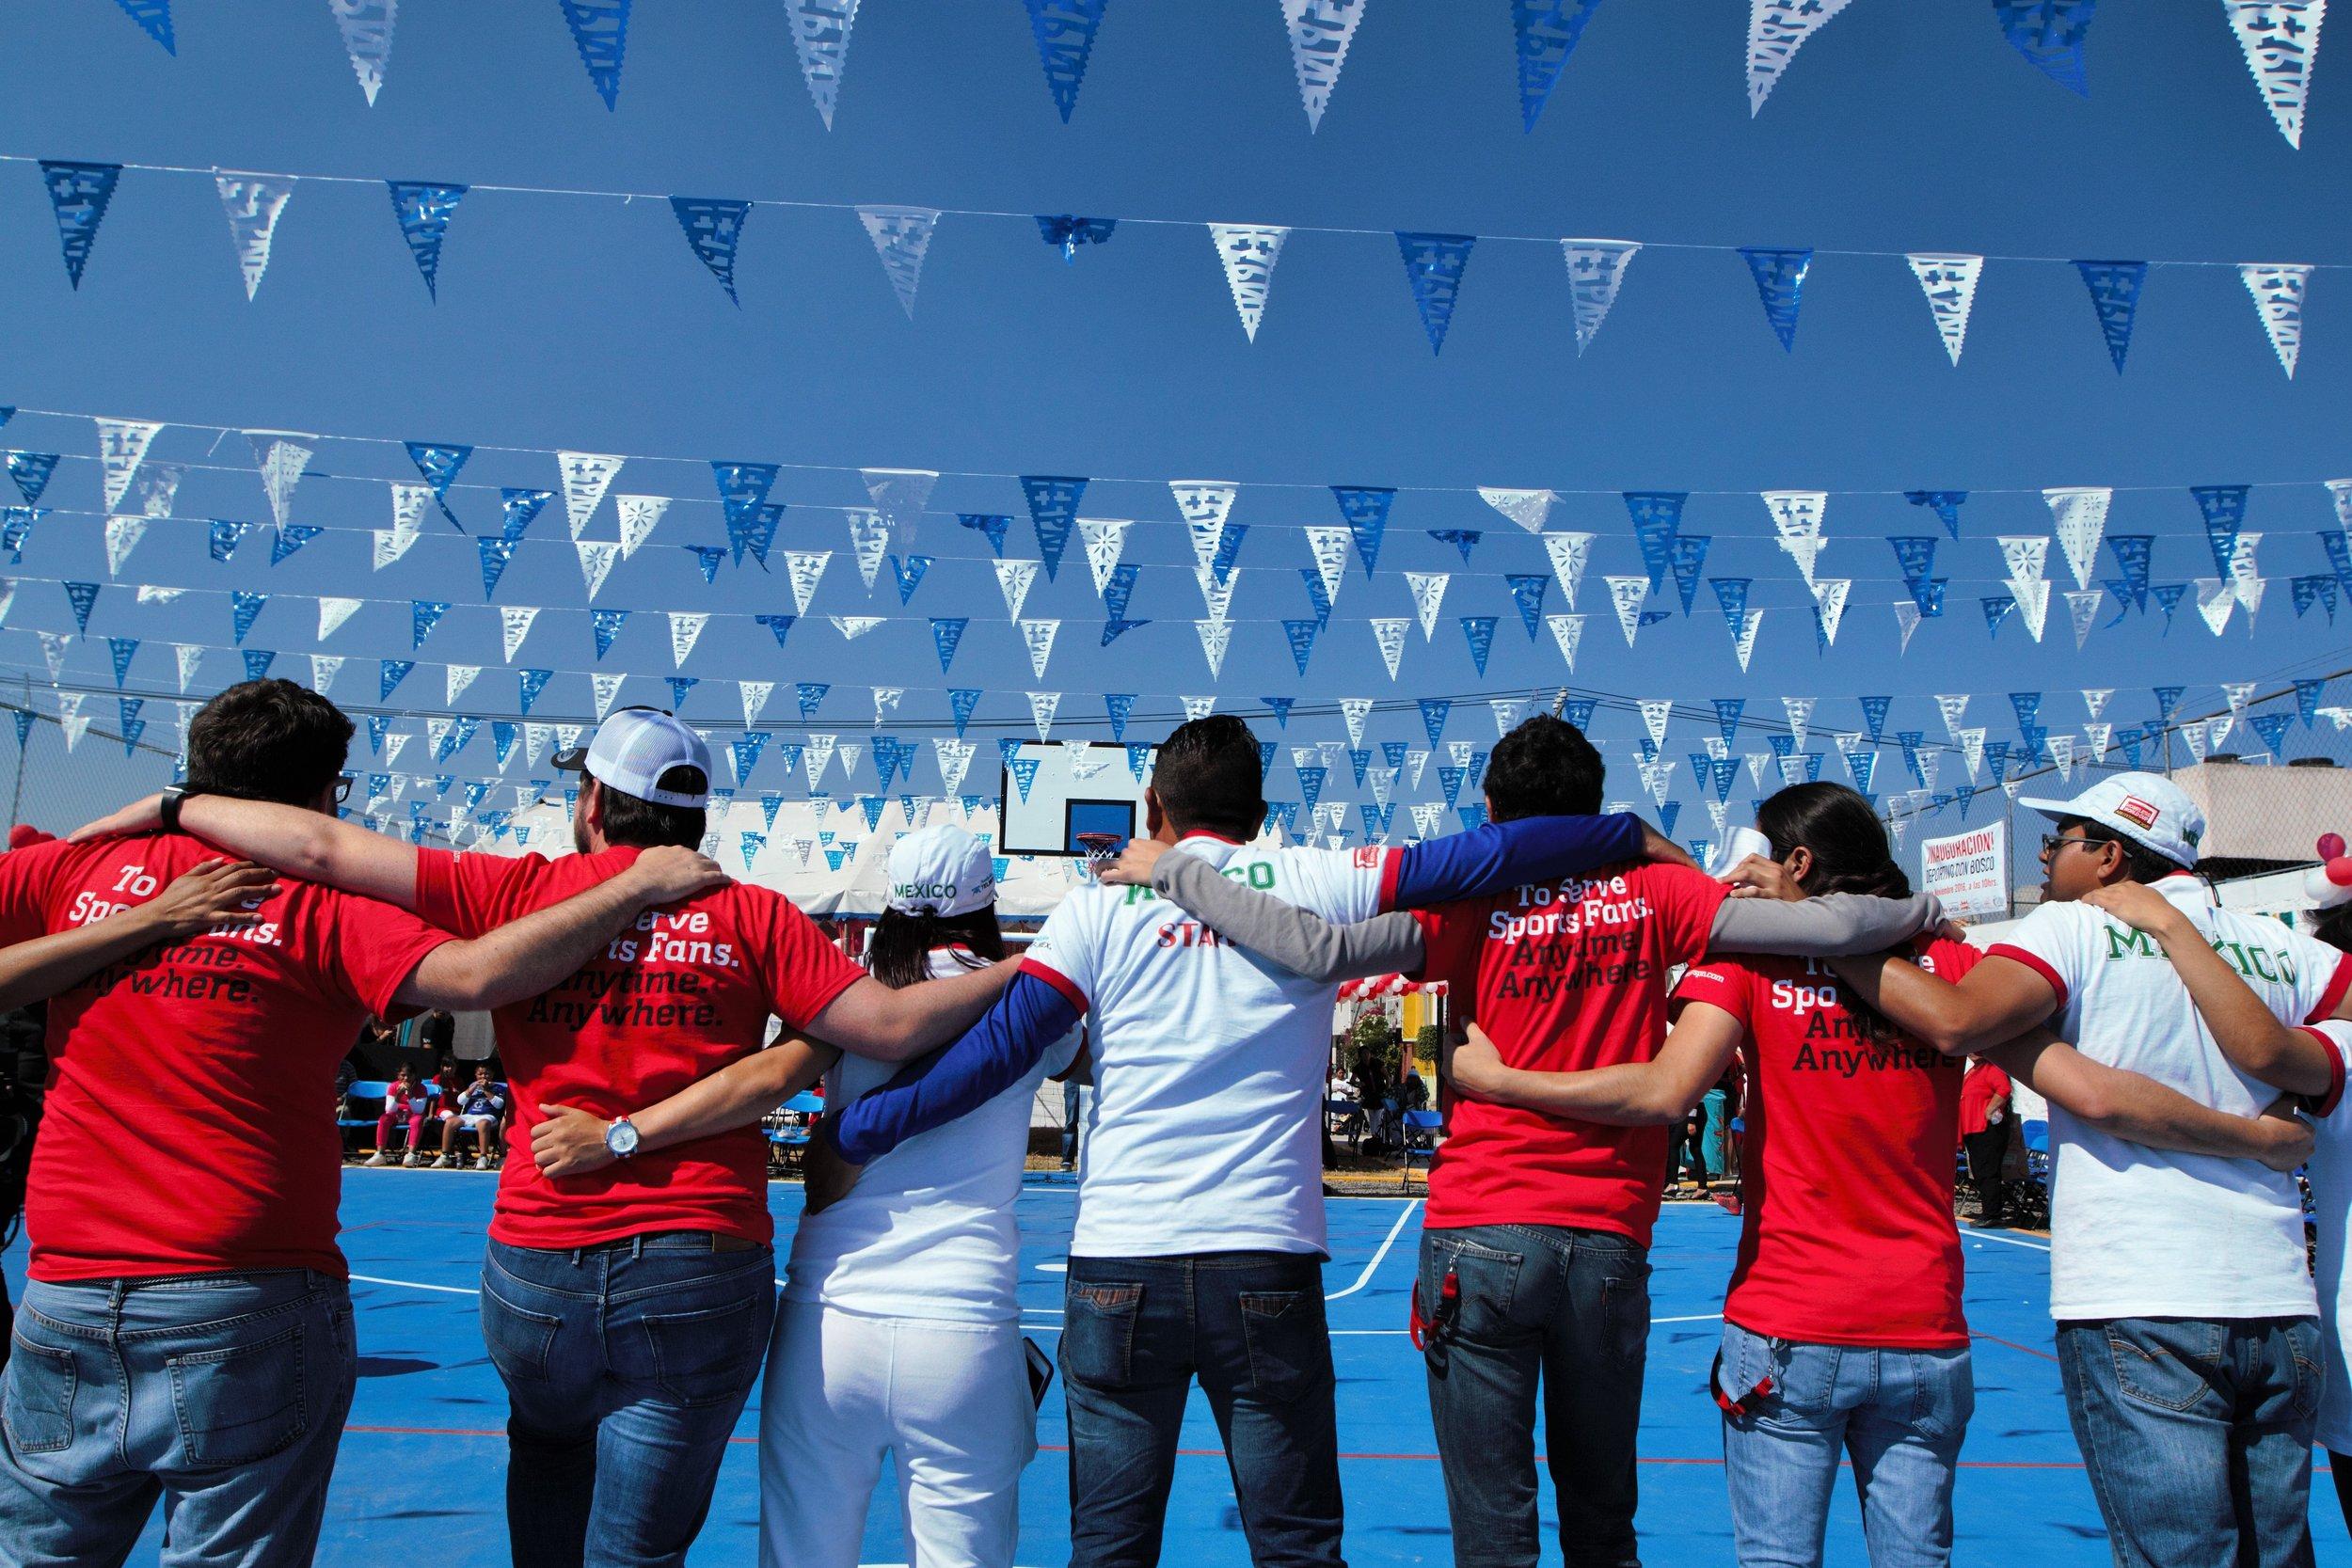 Seja-voluntario-love-futbol.jpg